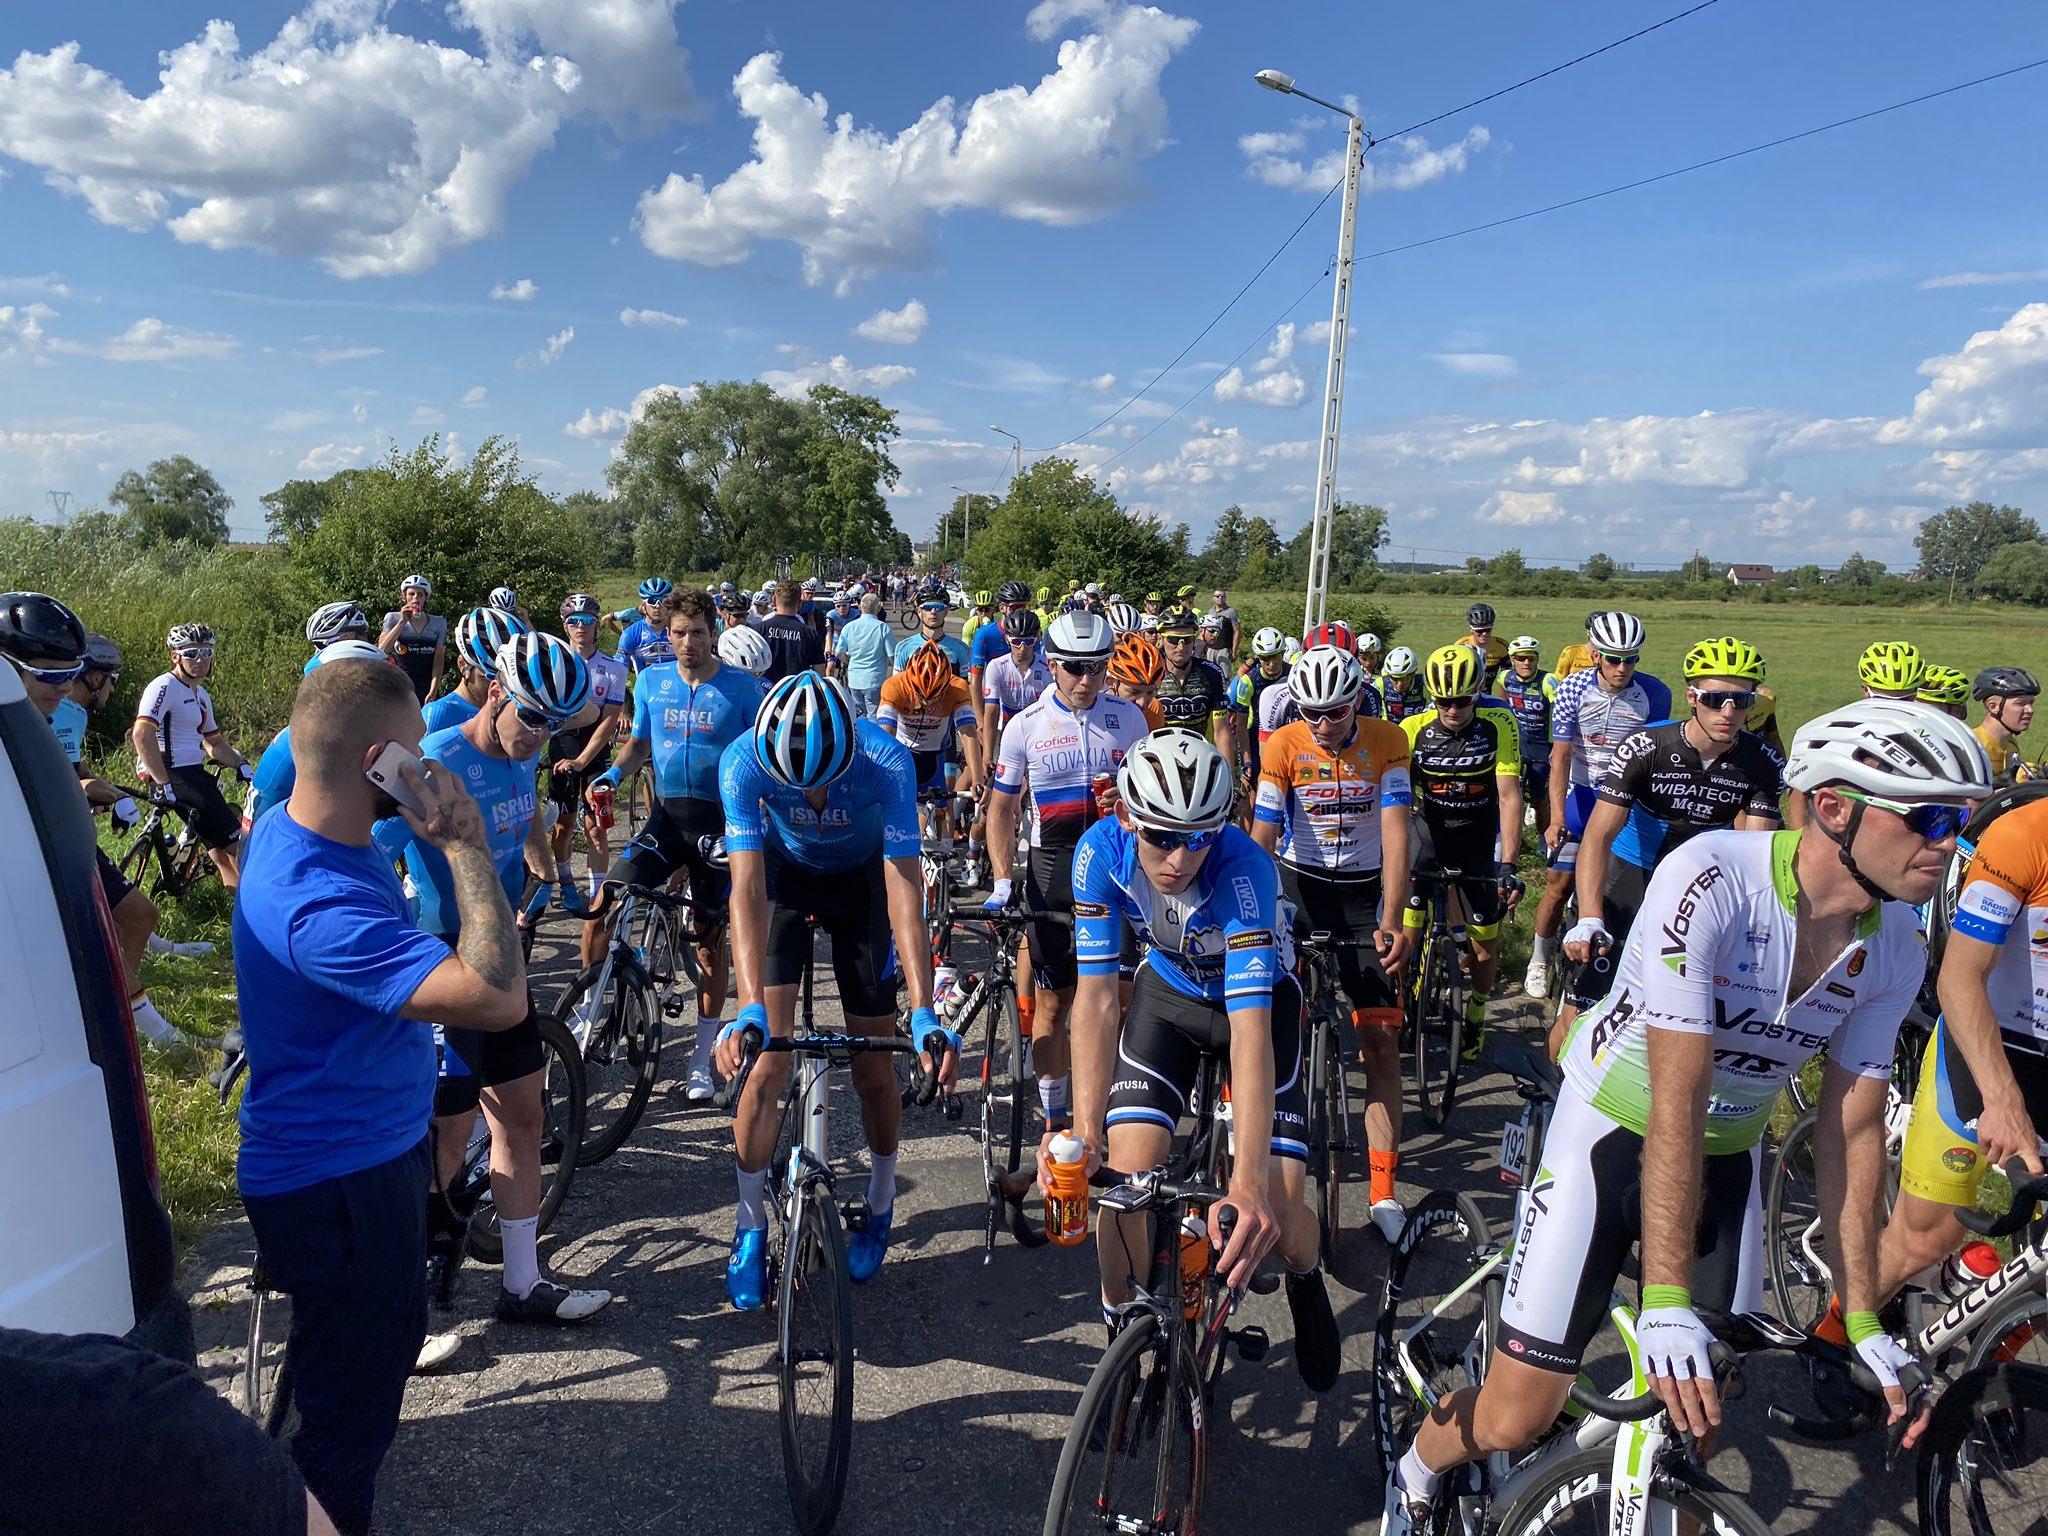 A etapa de abertura de Dookola Mazowsza pára a 30kms da chegada!